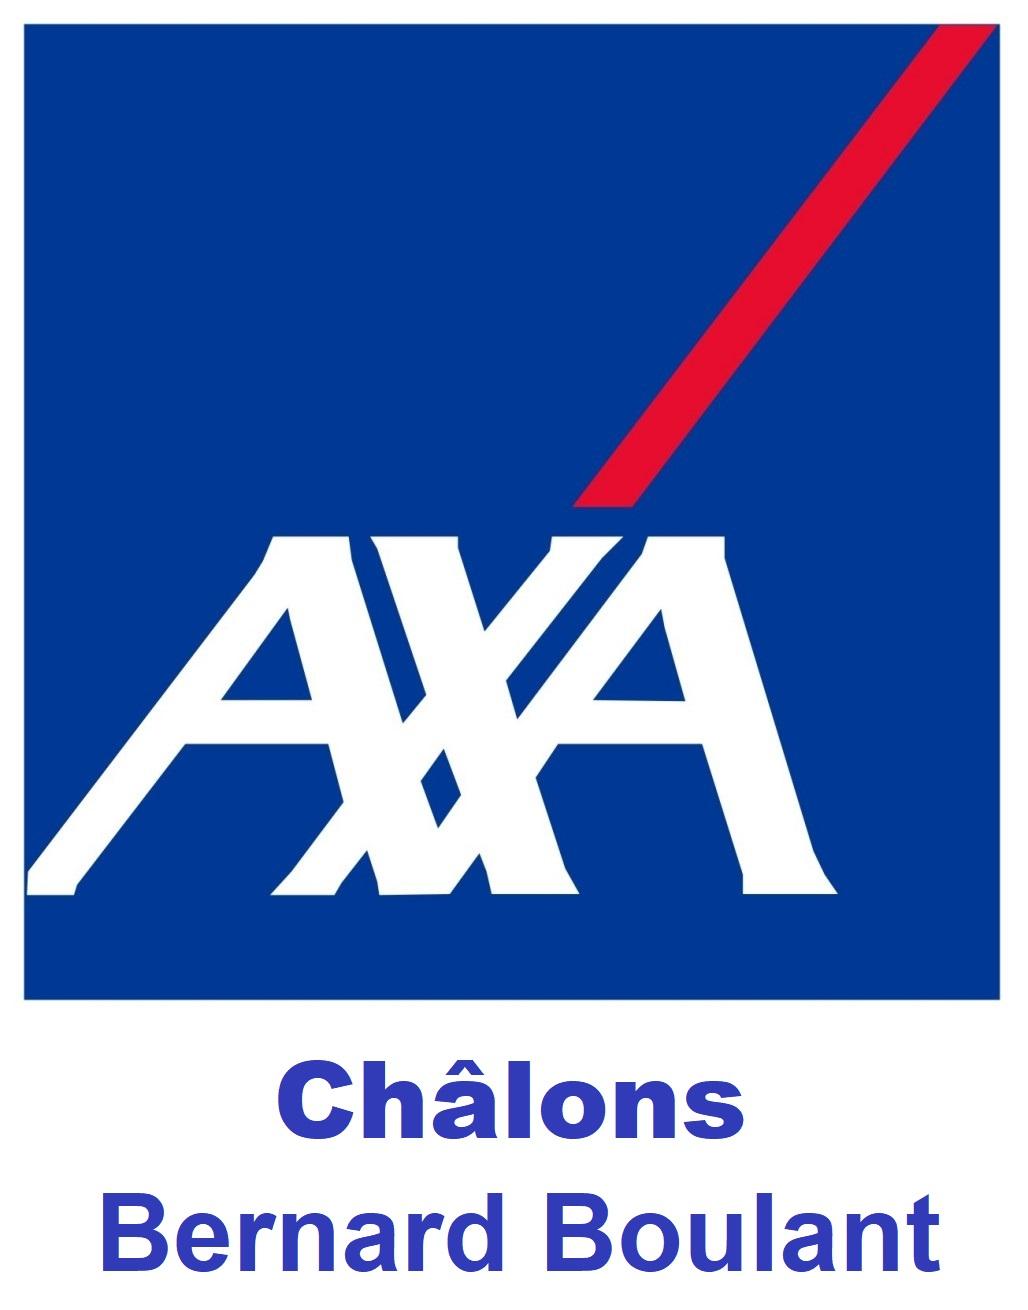 AXA Châlons – Bernard Boulant